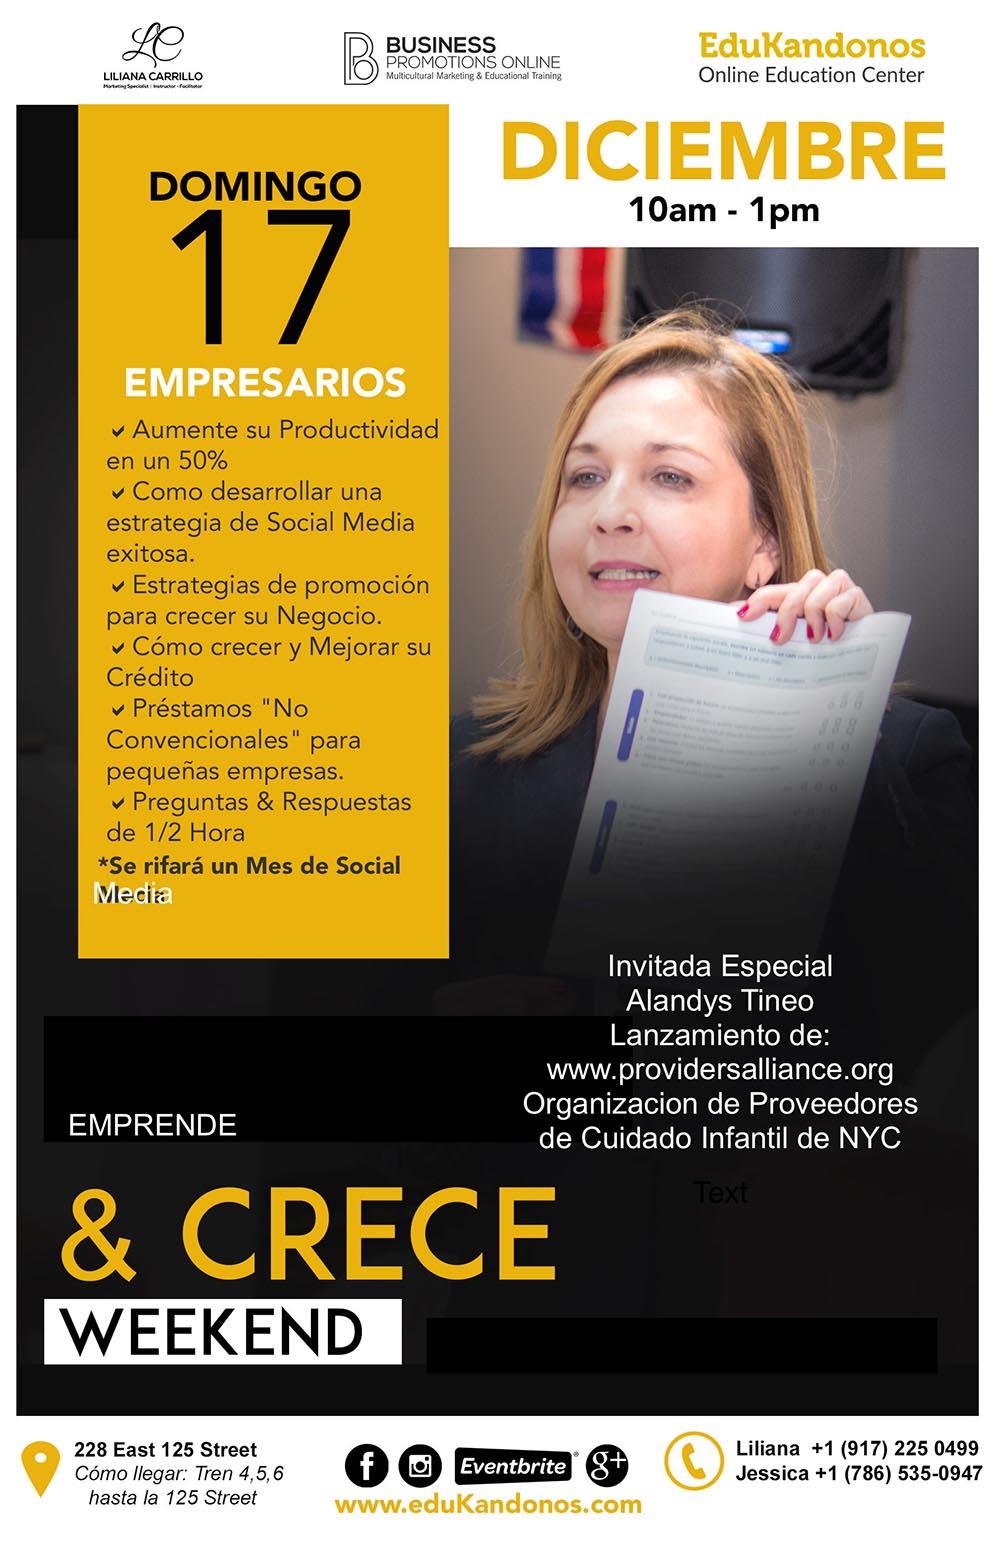 Liliana Carrillo aprende y crece empresarios